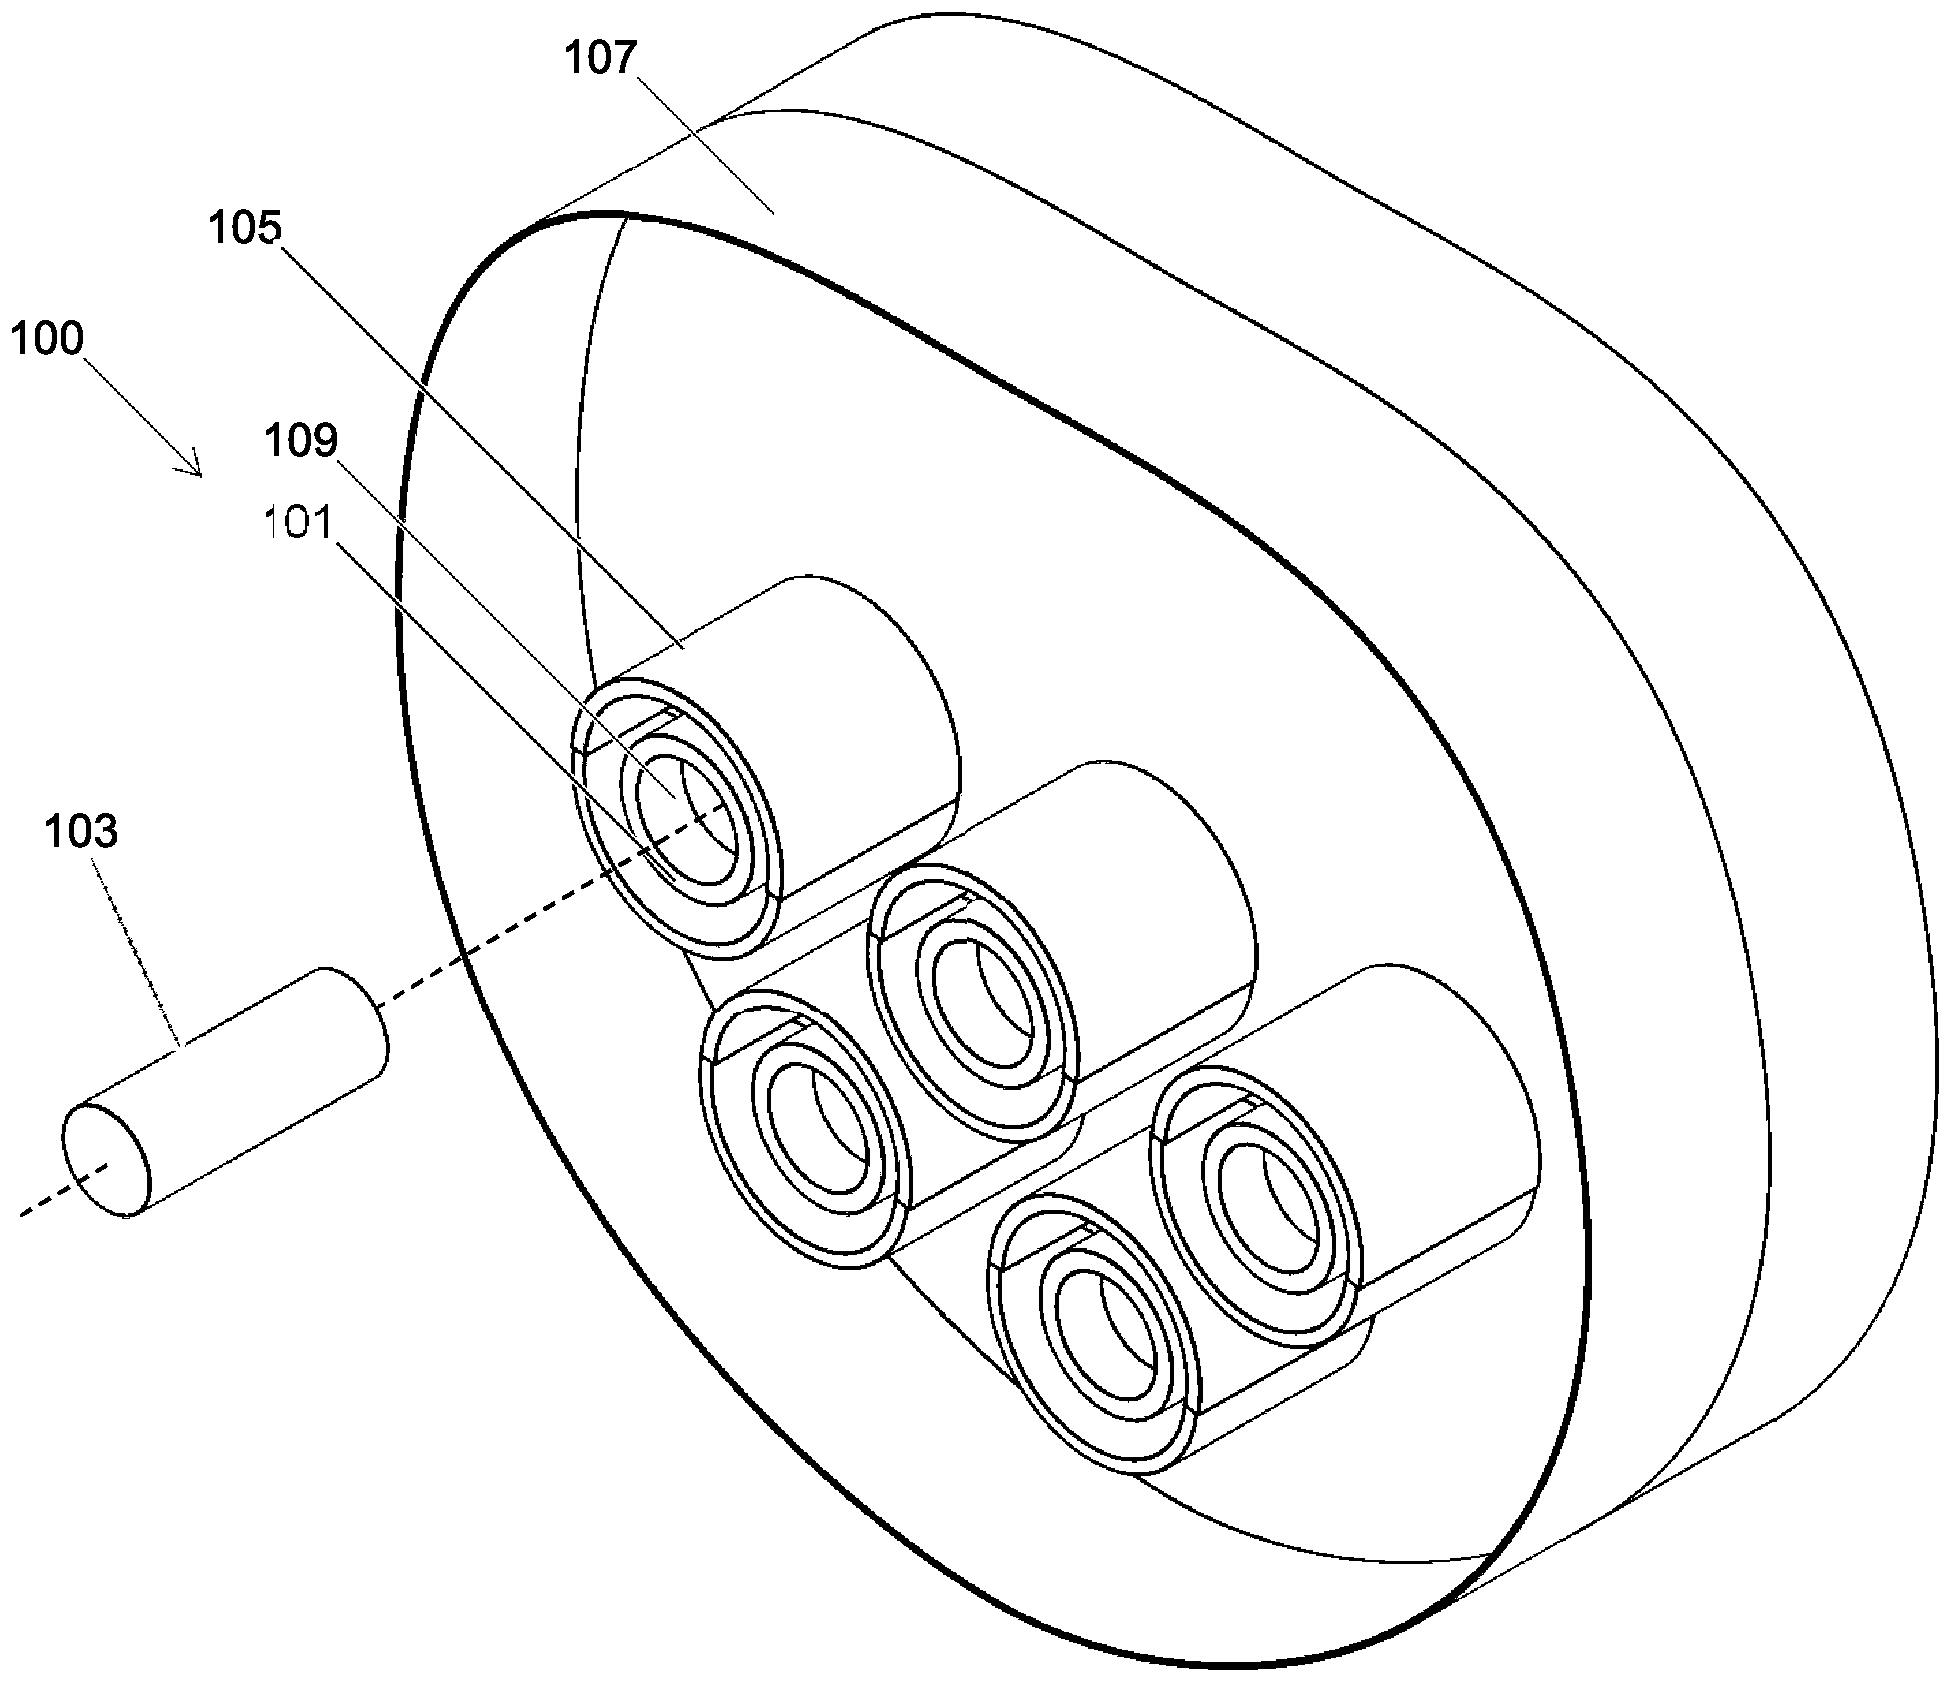 Figure DE102018109547A1_0000